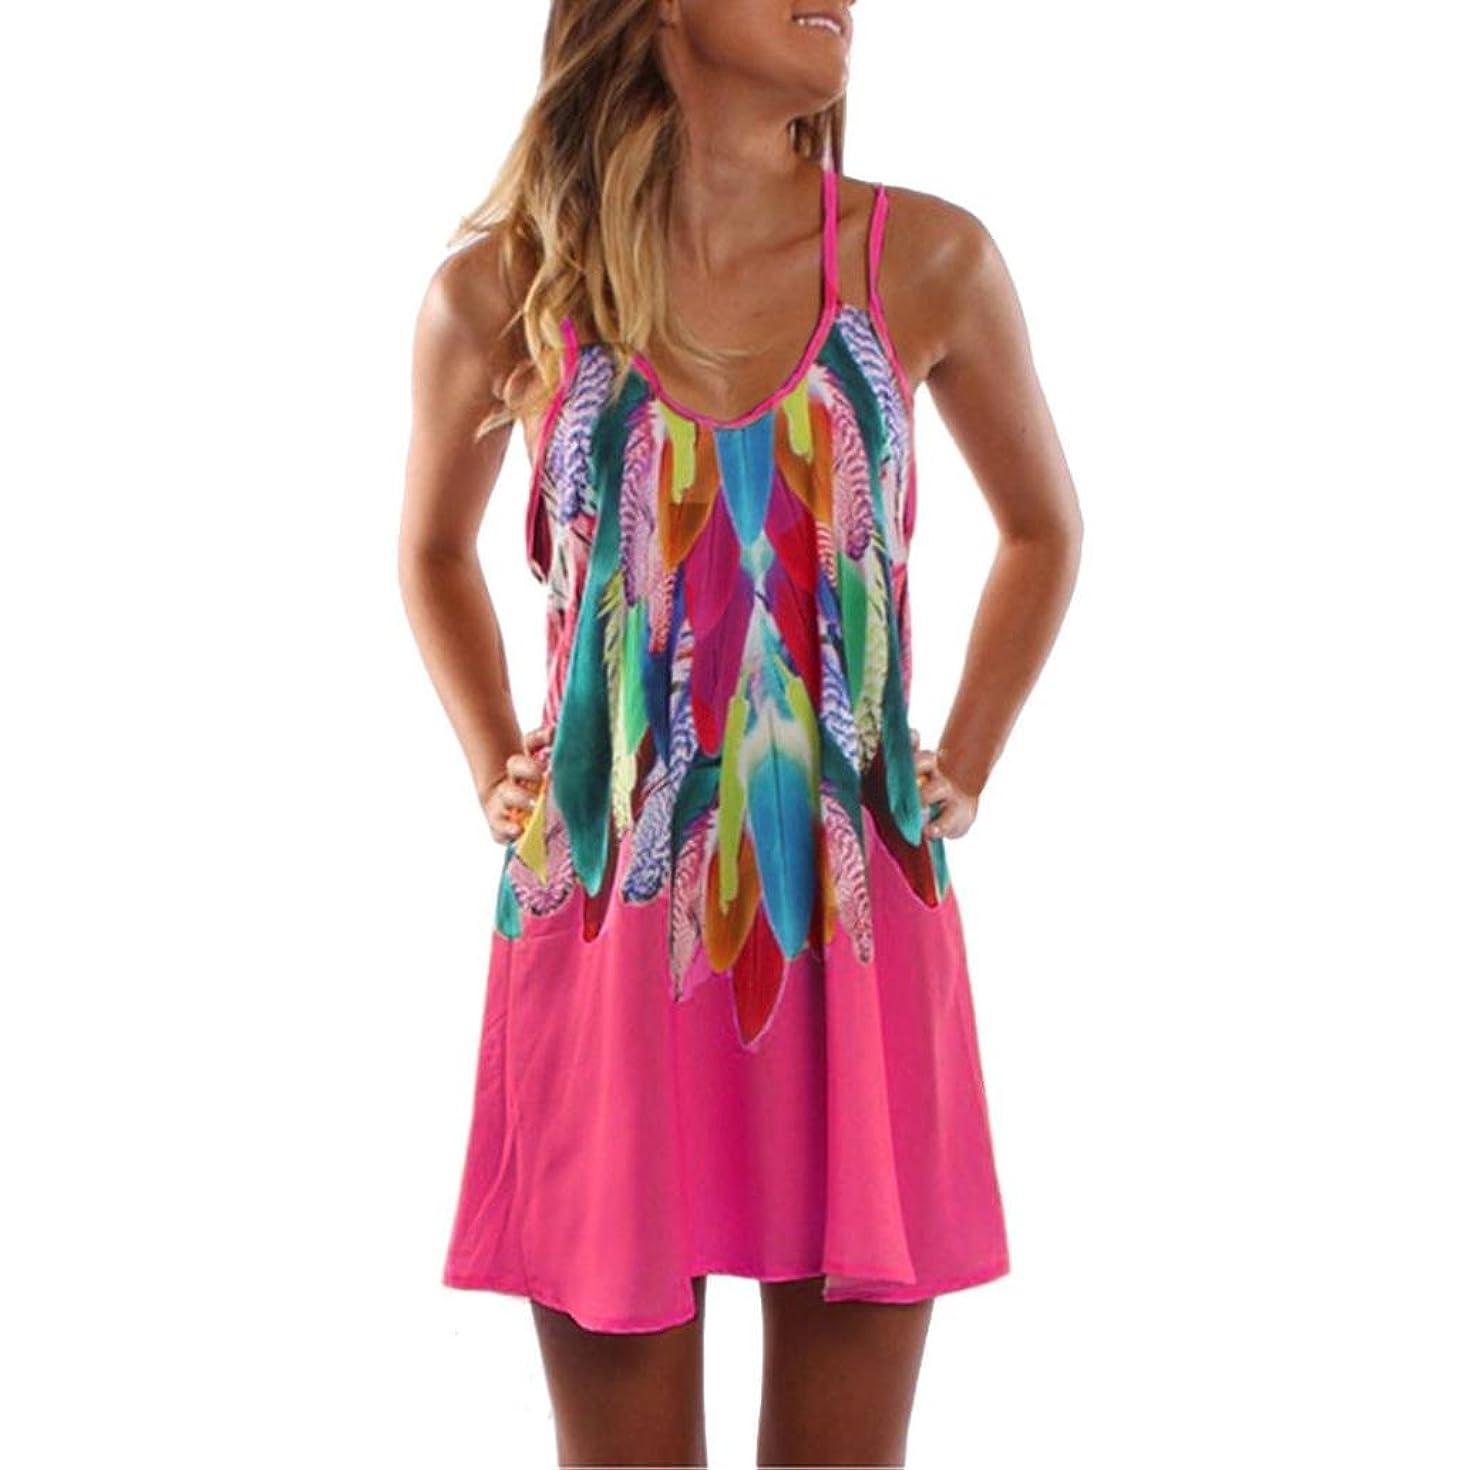 Teen Dress Skirts Colorful Printed Beach Sundress Women Summer Maxi Boho Dress (L, Hot Pink)